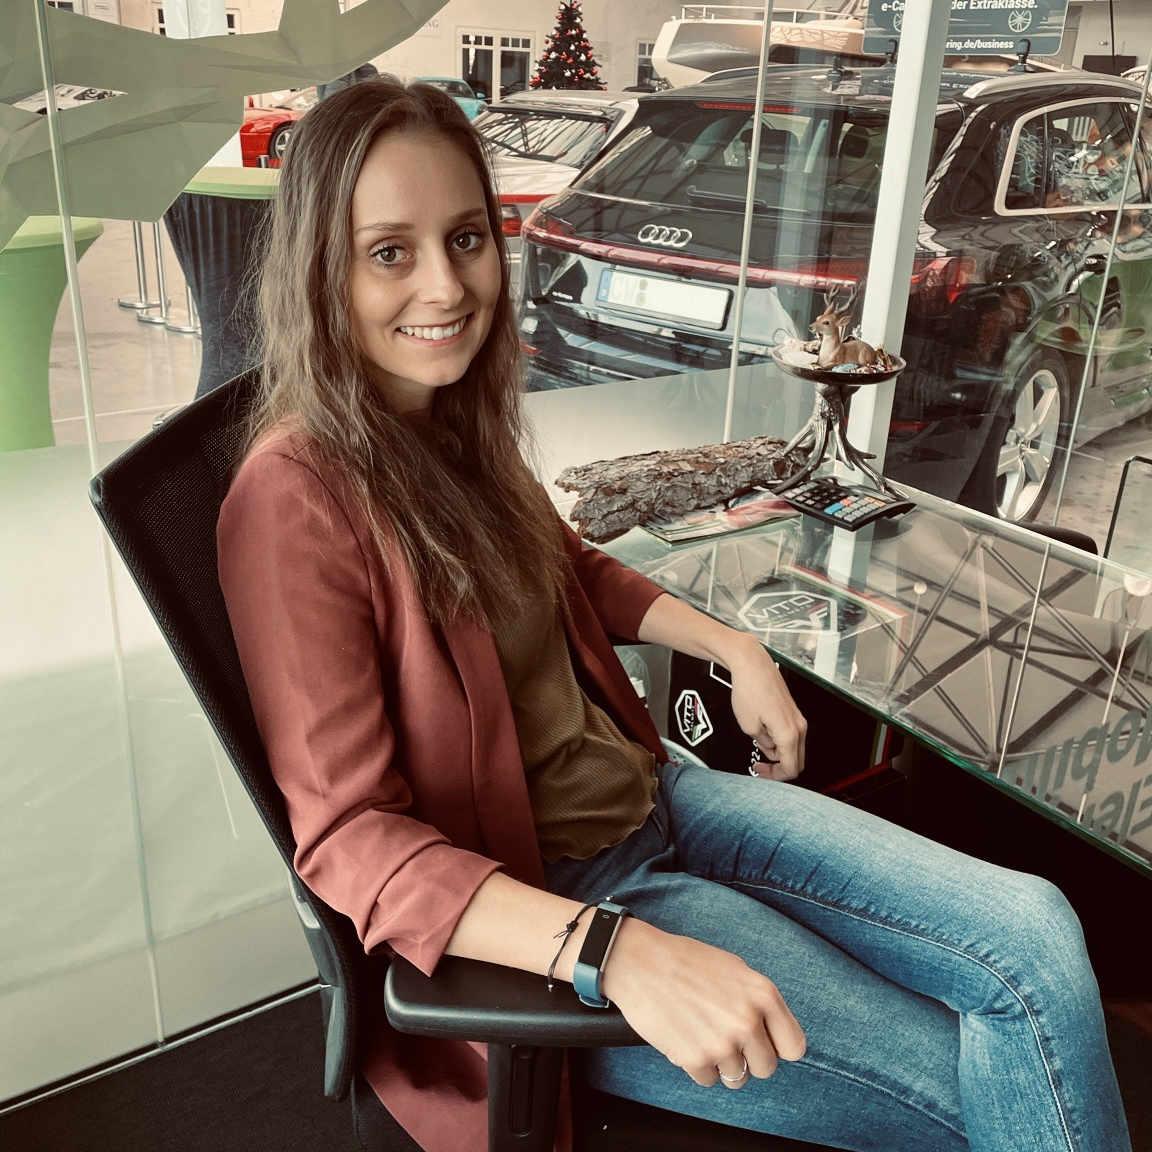 Rebecca sitzt am Schreibtisch im Büro, im Hintergrund sind E-Autos zu sehen - immer im EInsatz für die Mobilität der Zukunft.